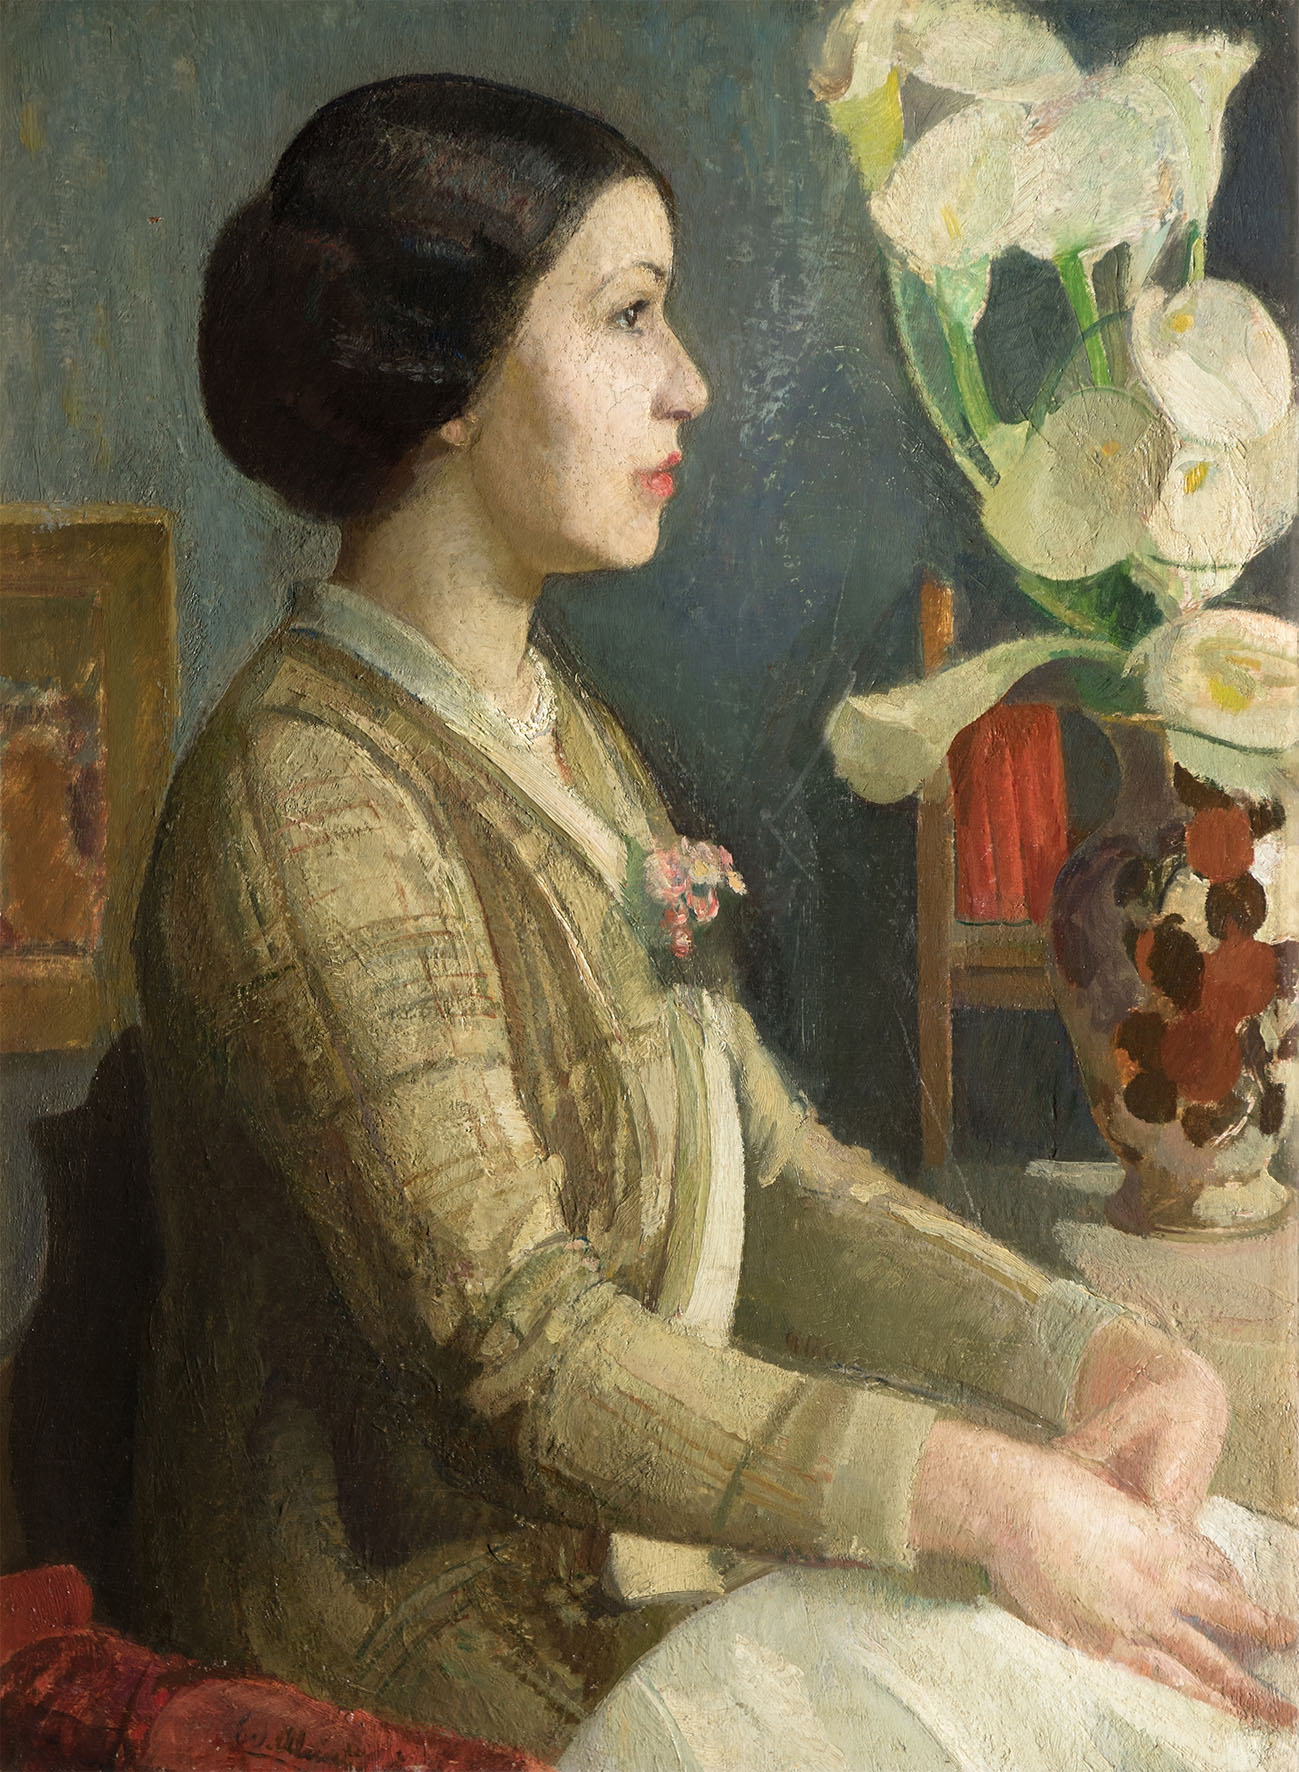 EVANGELINA ALCIATI Ritratto di Fiorenza Boccalatte 1935 olio su tela